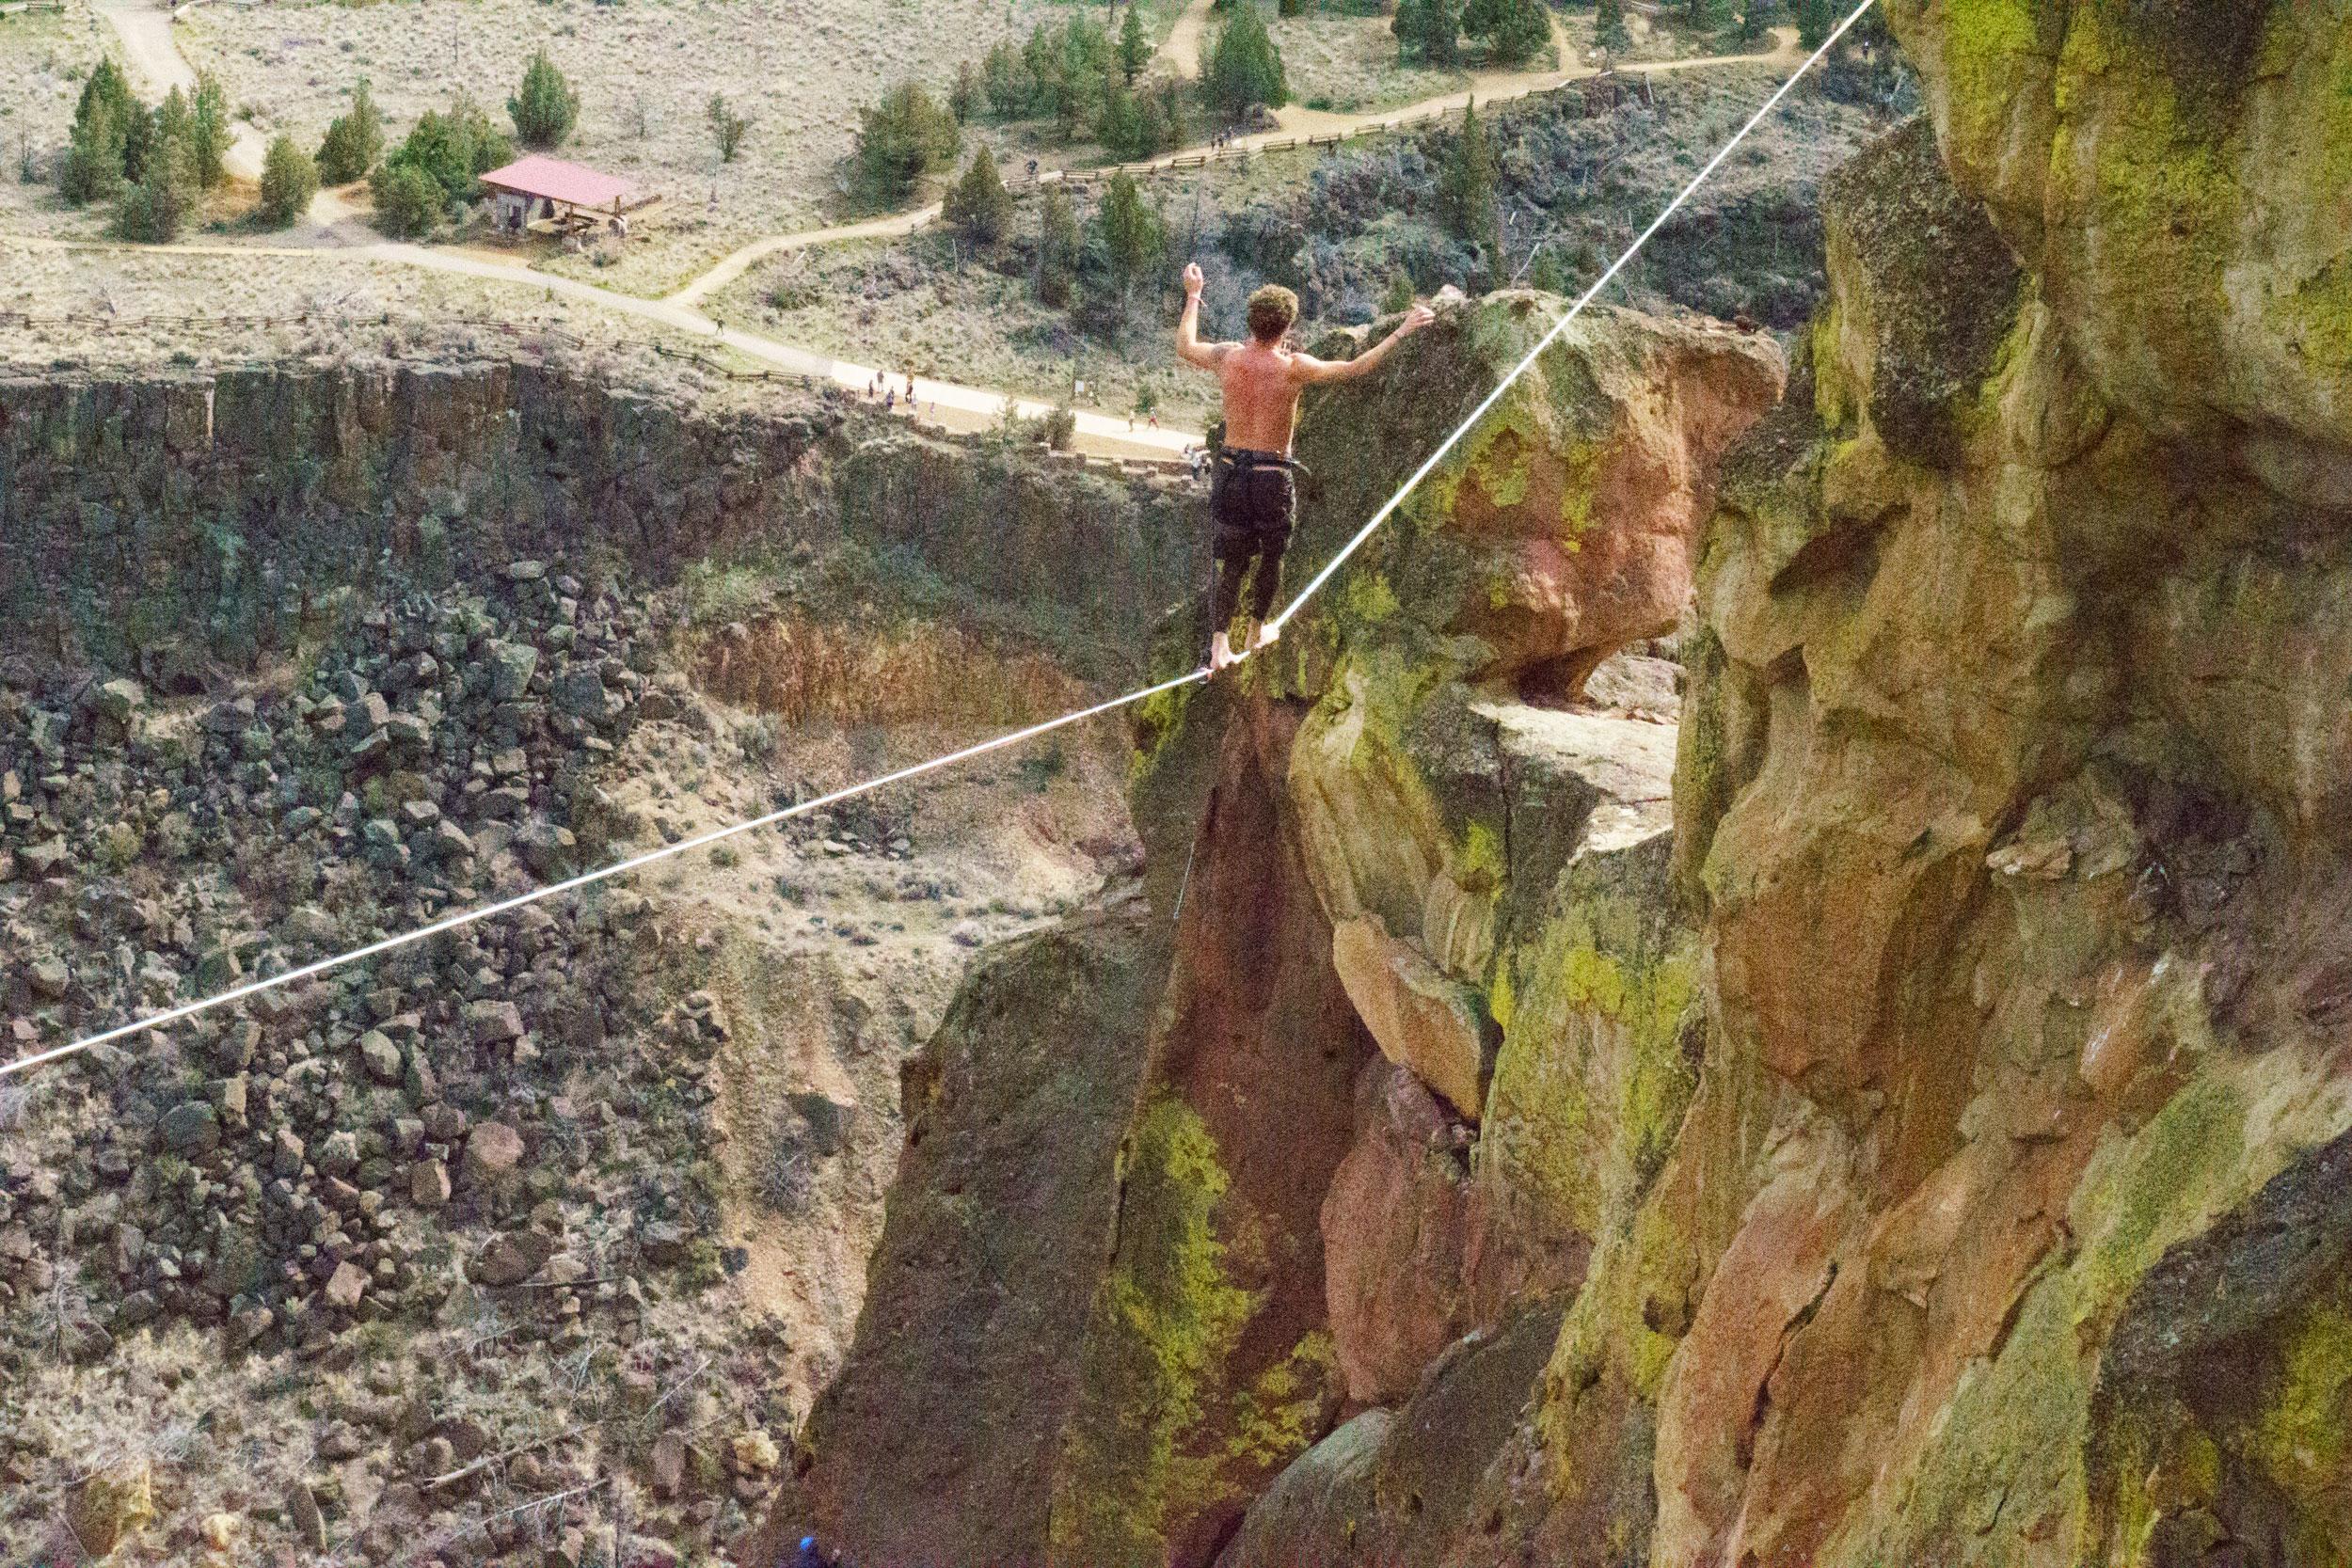 slackliner on Free Your Mind highline at Smith Rock State Park